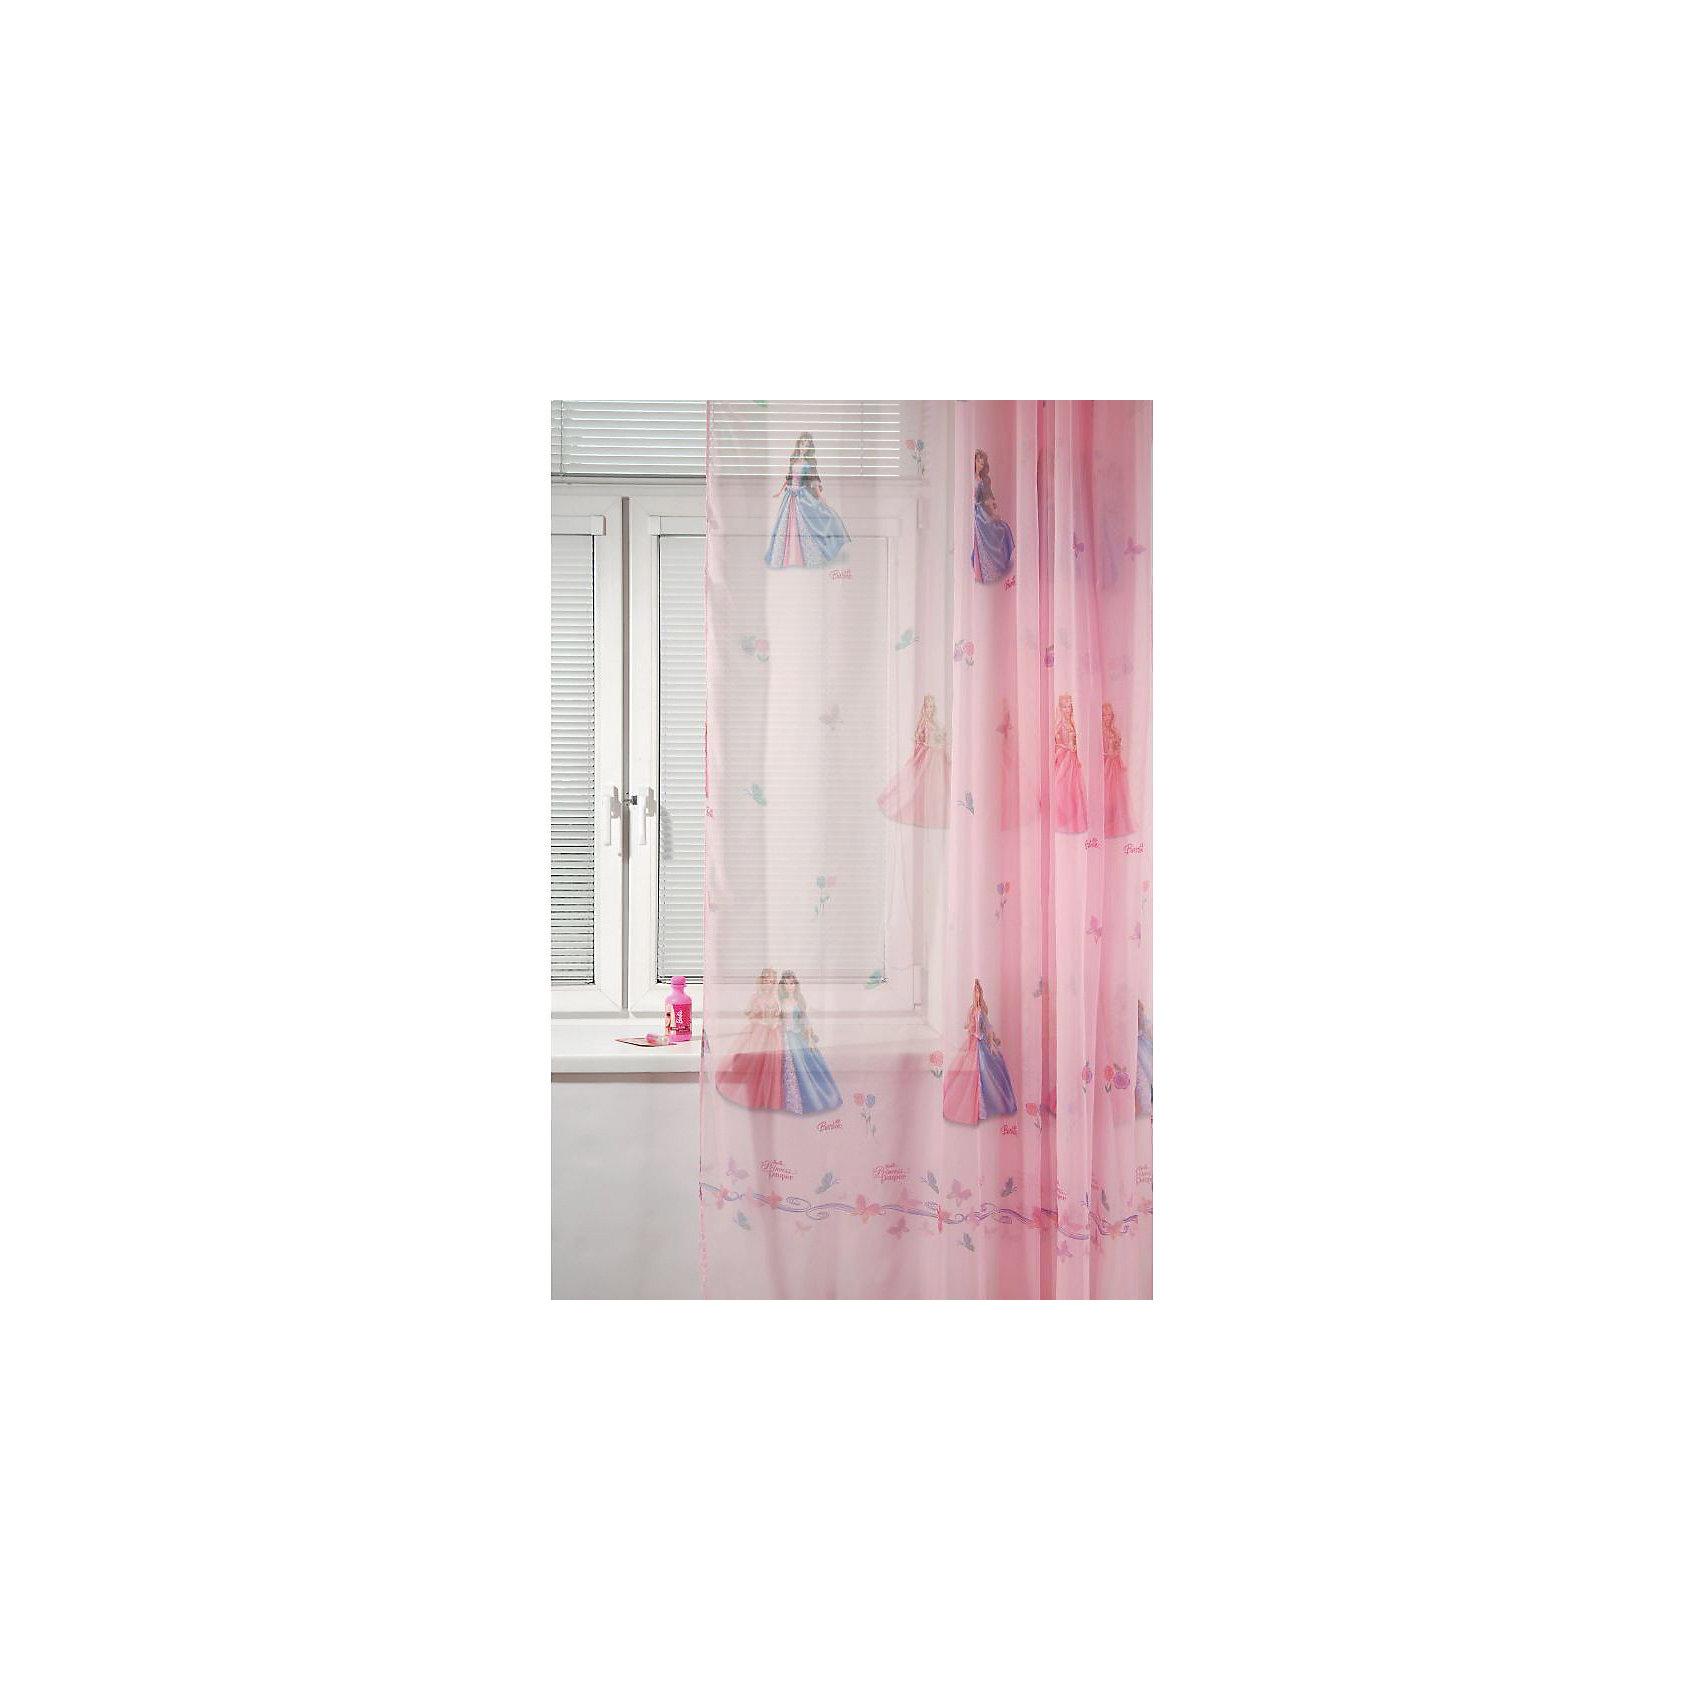 TAC Тюль БАРБИ.ПРИНЦЕССА И НИЩЕНКА 300см х 265см, TAC, розовый tac портьера детская 200см х 265см персиковый